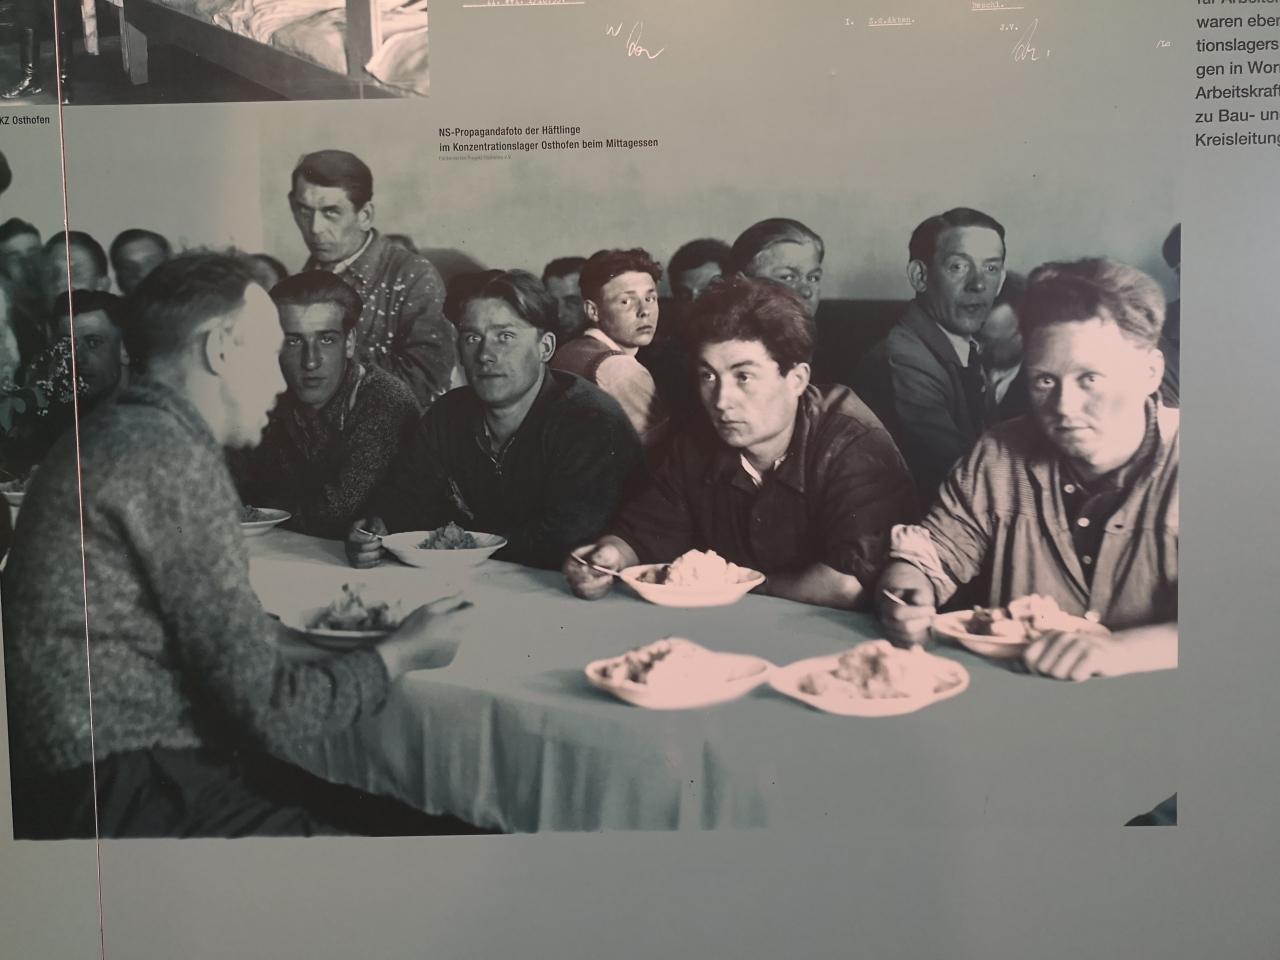 Wichtige Impulse für das Szenenstudium: Insassen des Lagers Osthofen in einem gestellten Propagandafoto, dass einen vergleichsweise komfortablen Lageralltag behauptet.